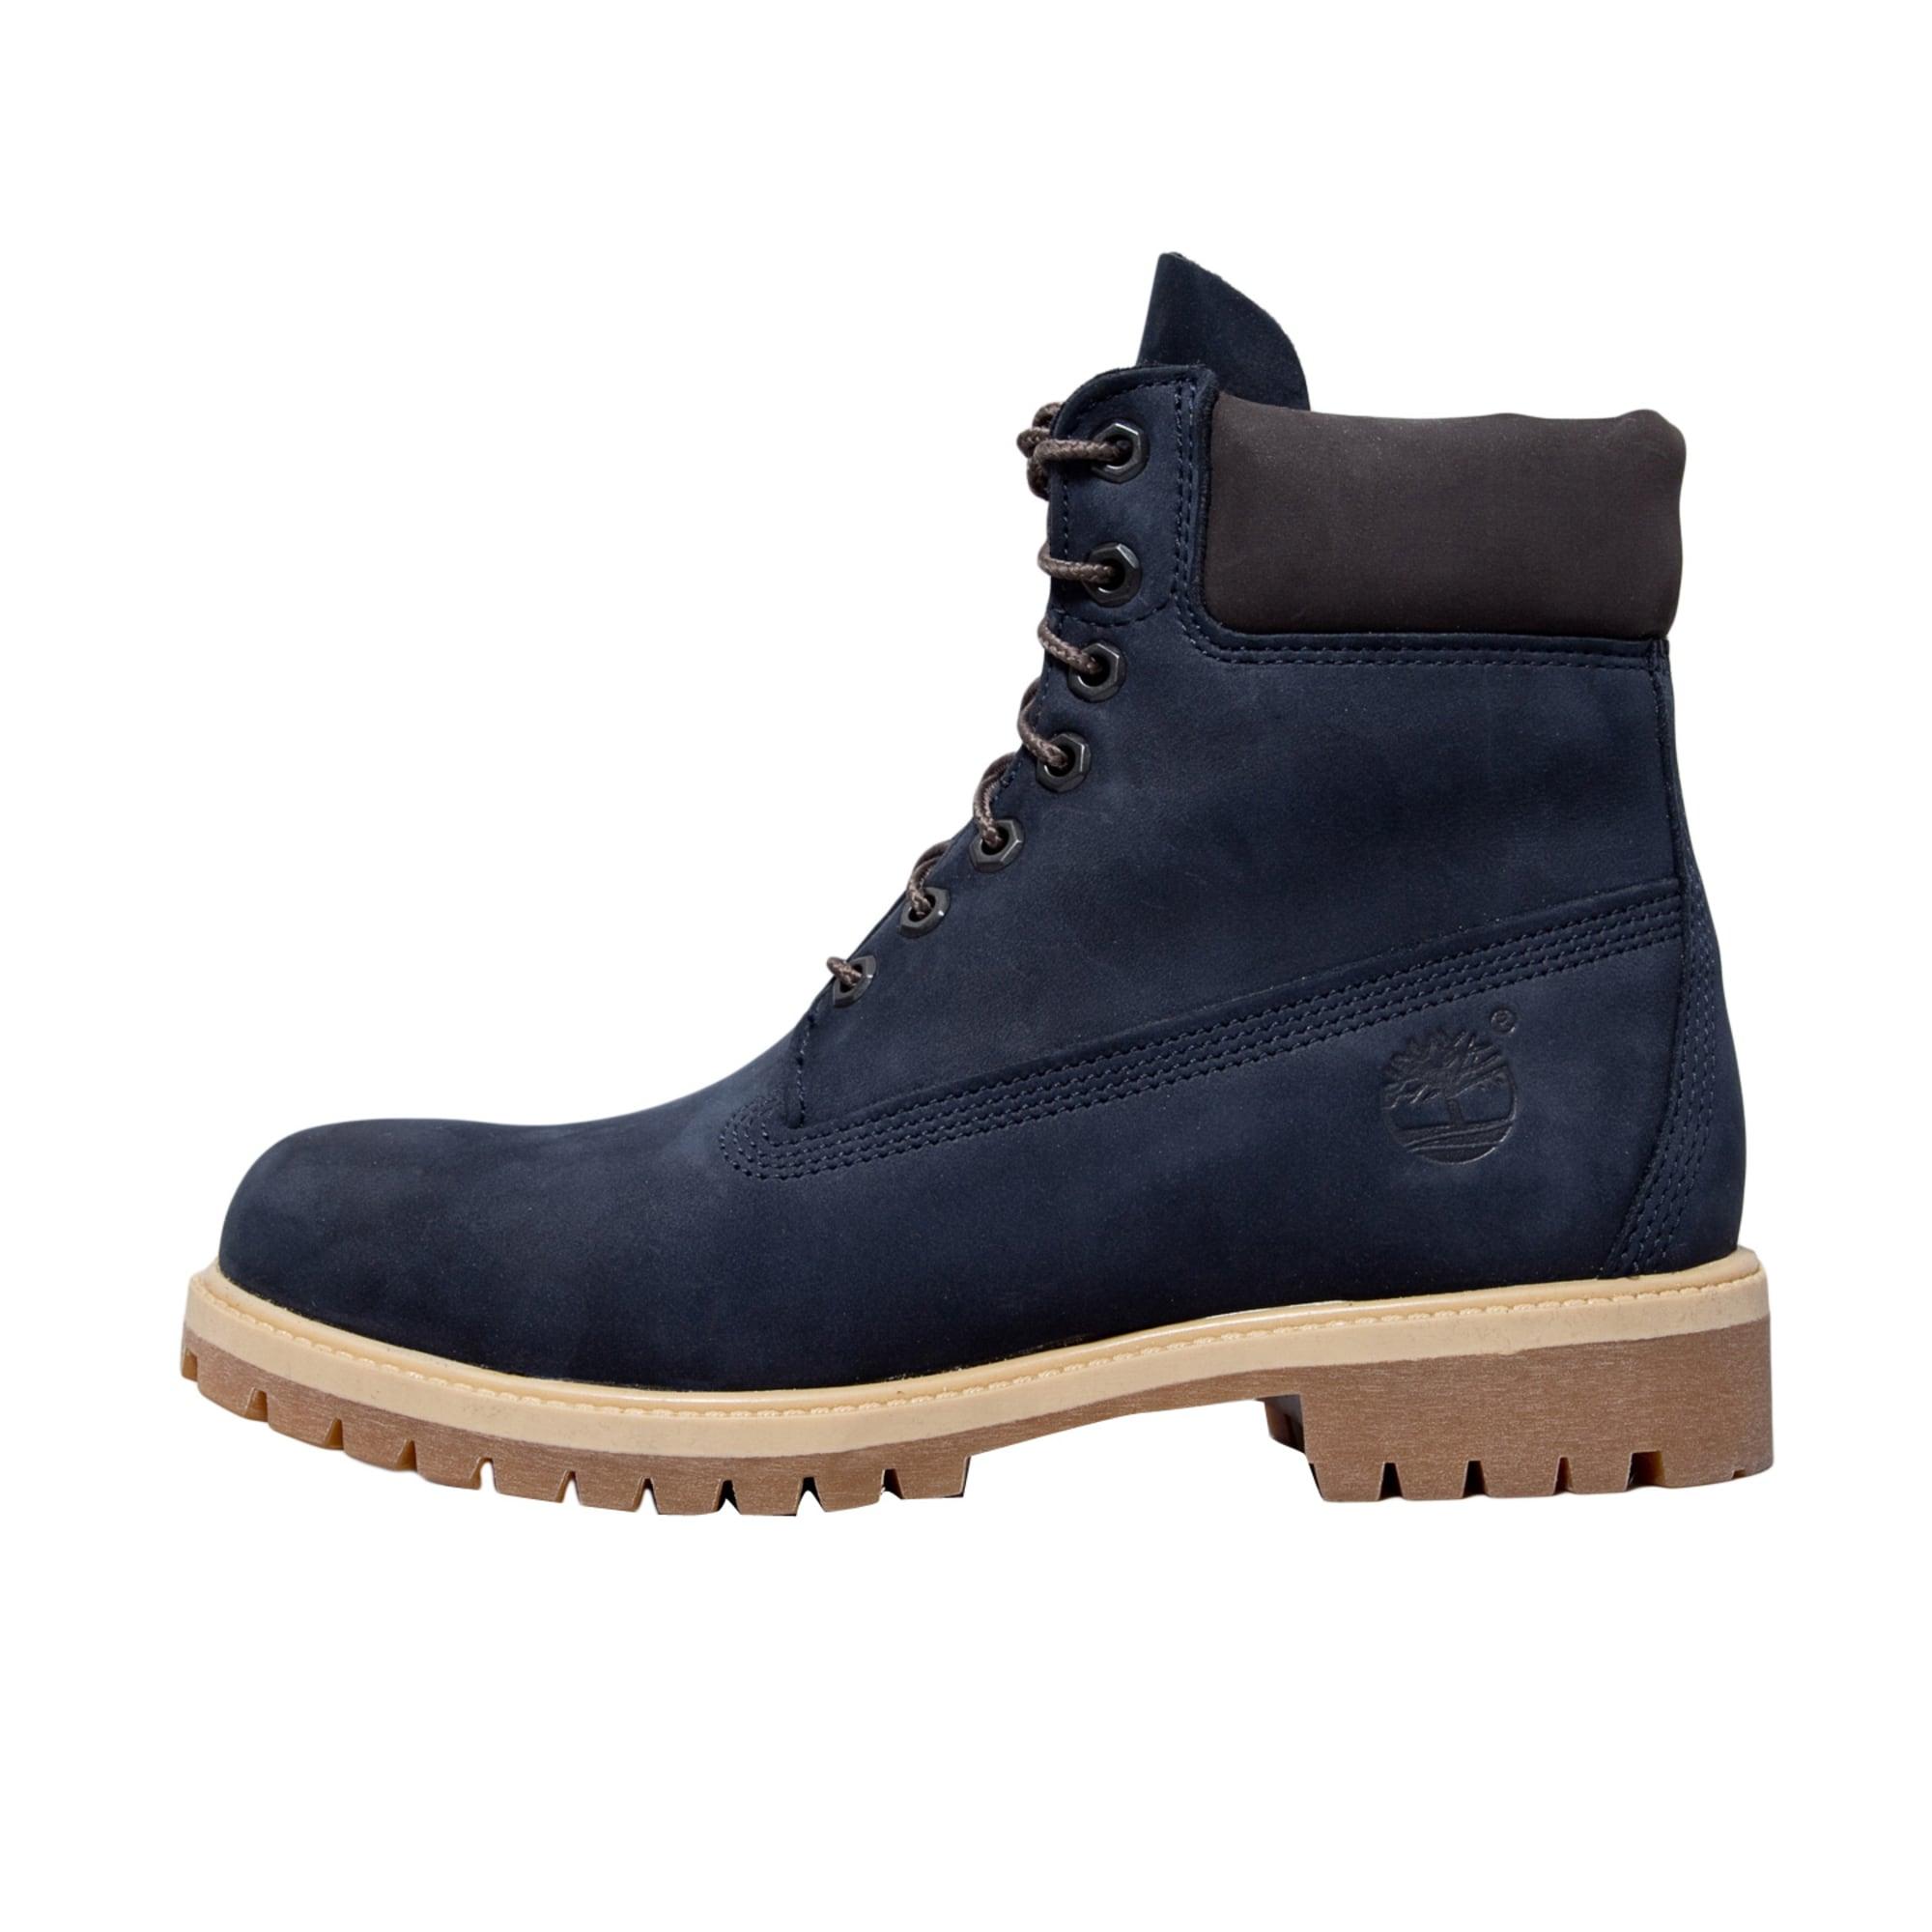 bottes timberland bleu